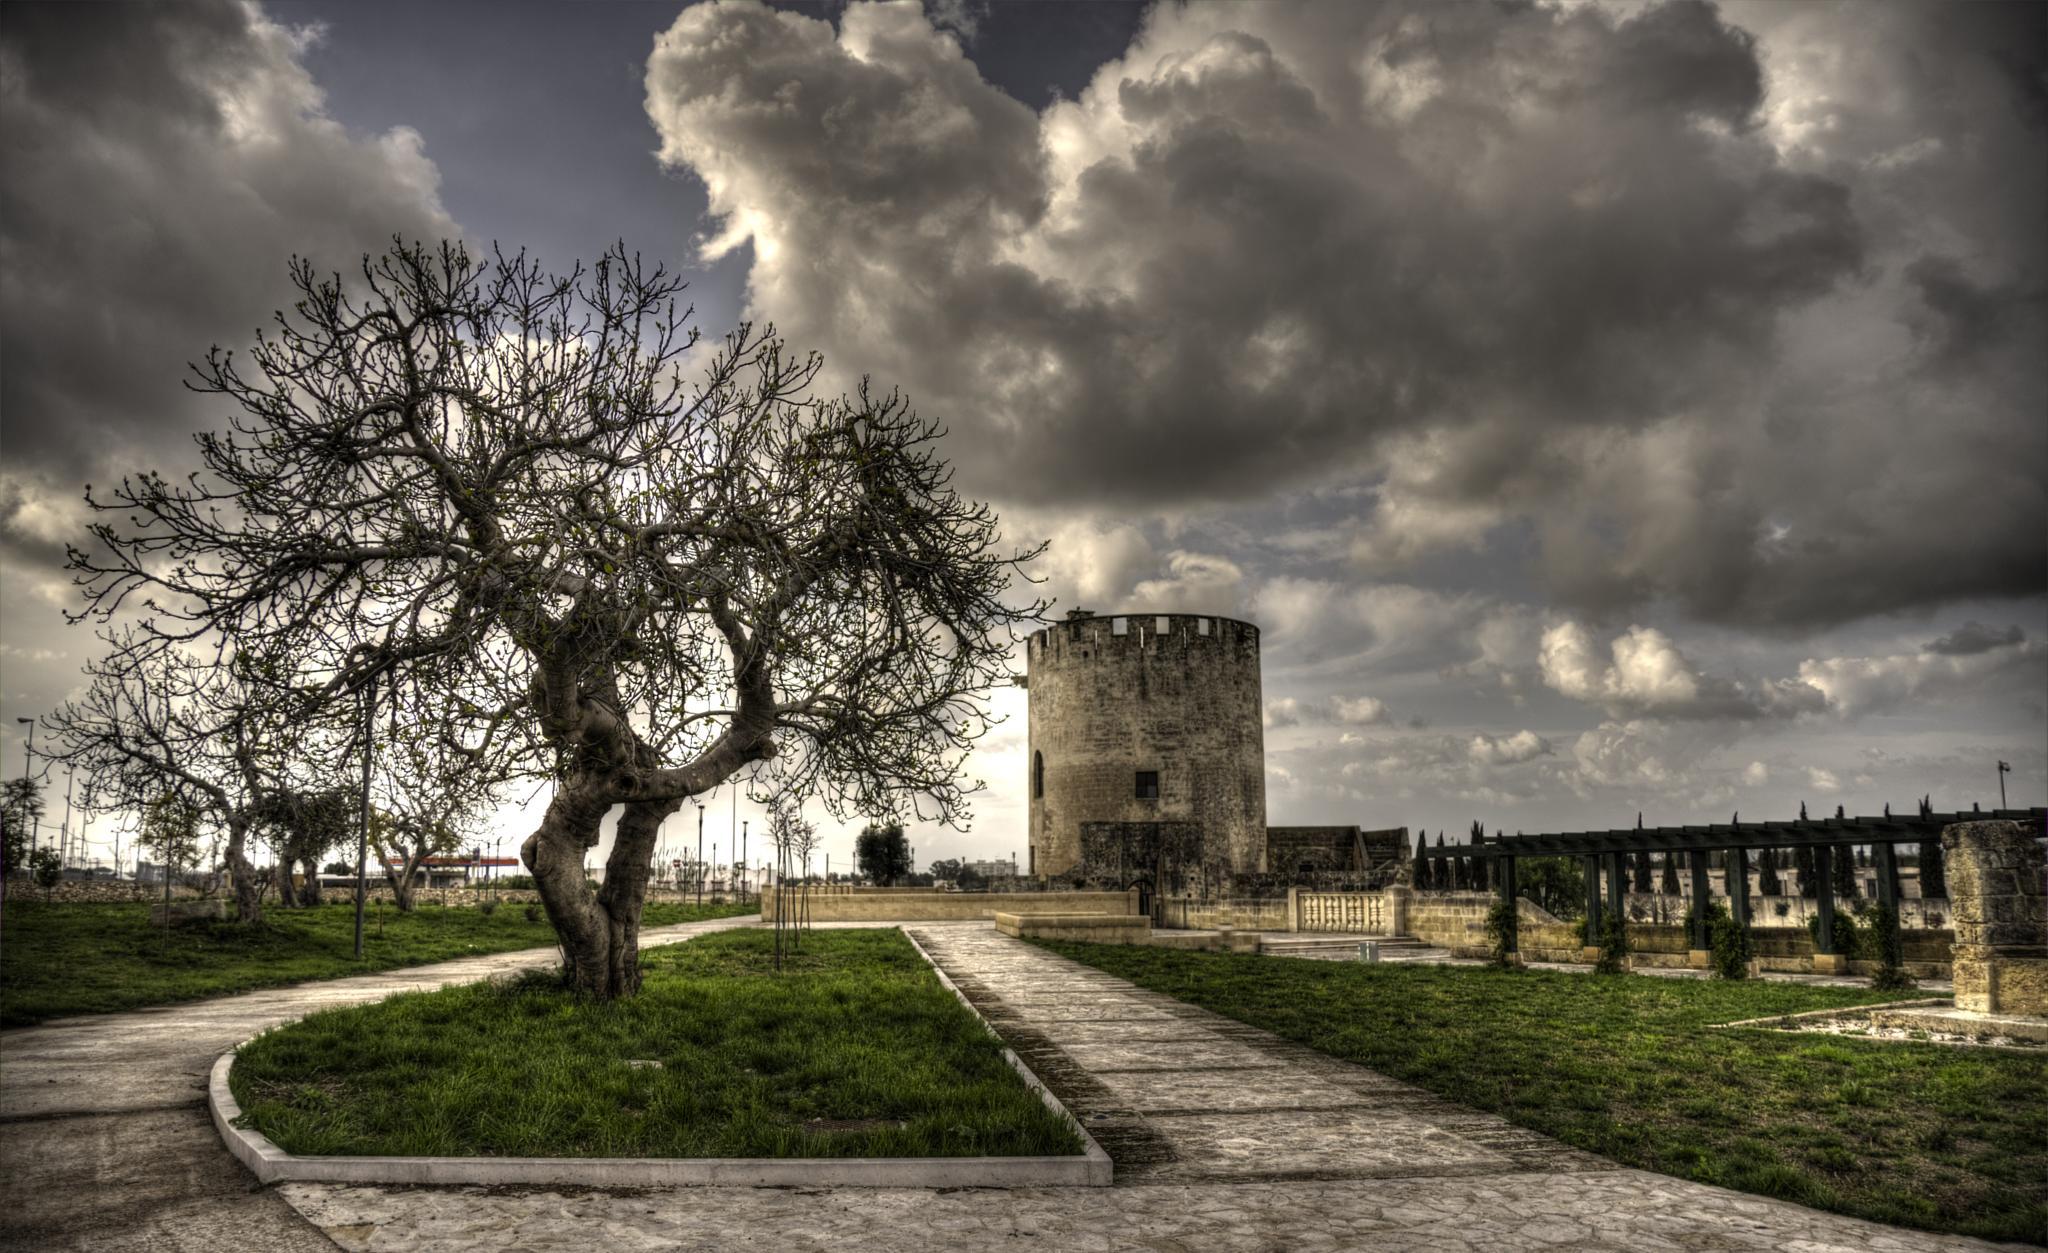 Tower & Tree   by NicoSebaste